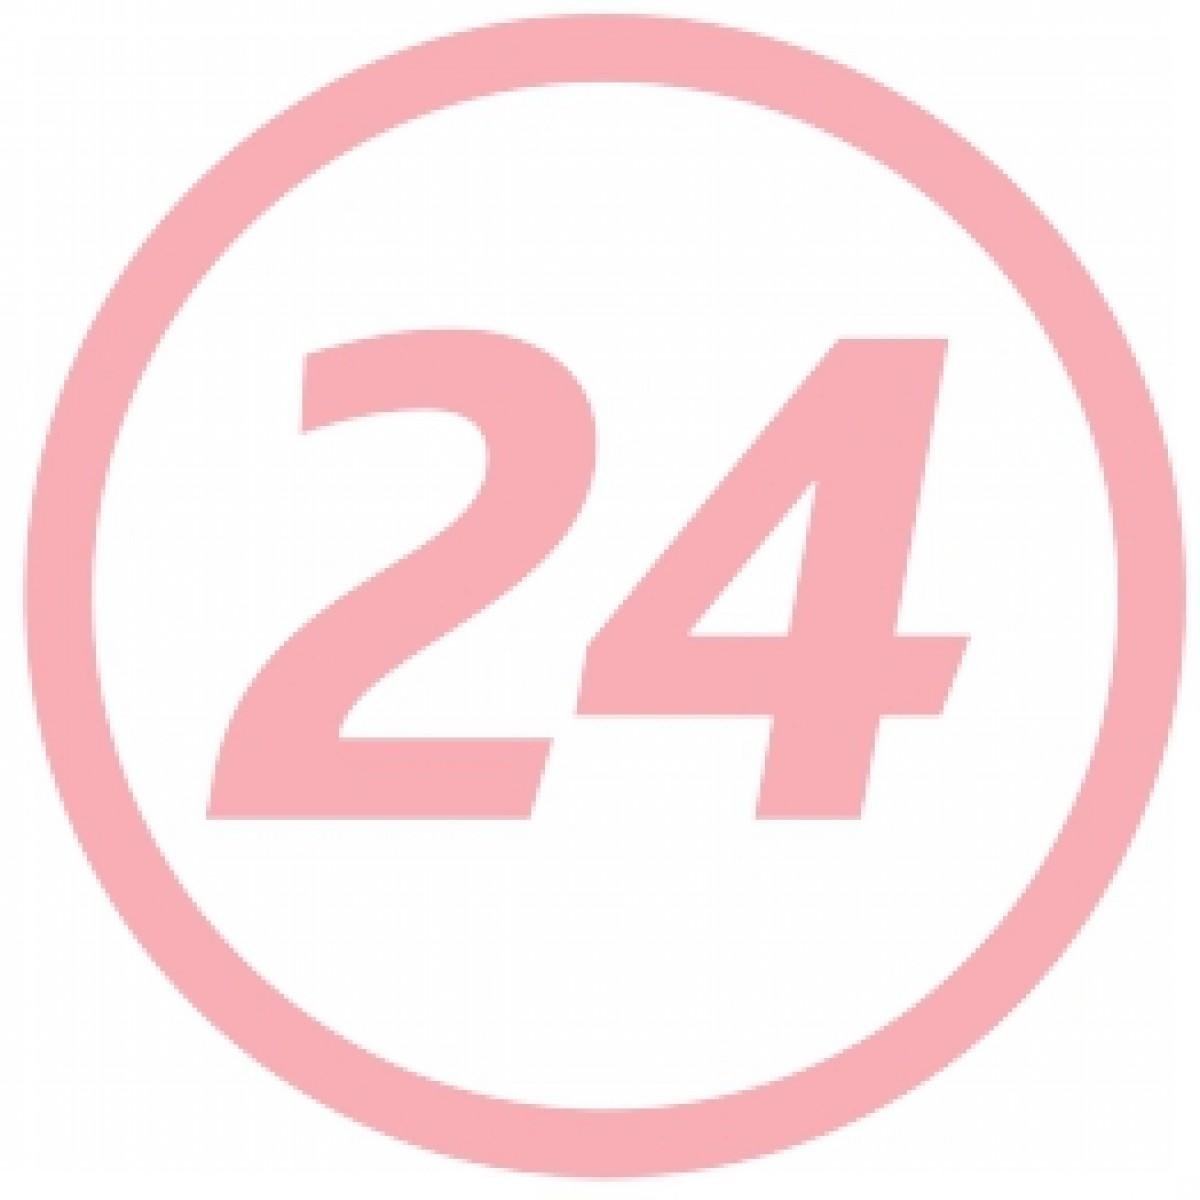 AVENT Cana Transparenta +18 luni 340ml, Cana Anti-Curgere Si Maner Lateral Flexibil, 1buc